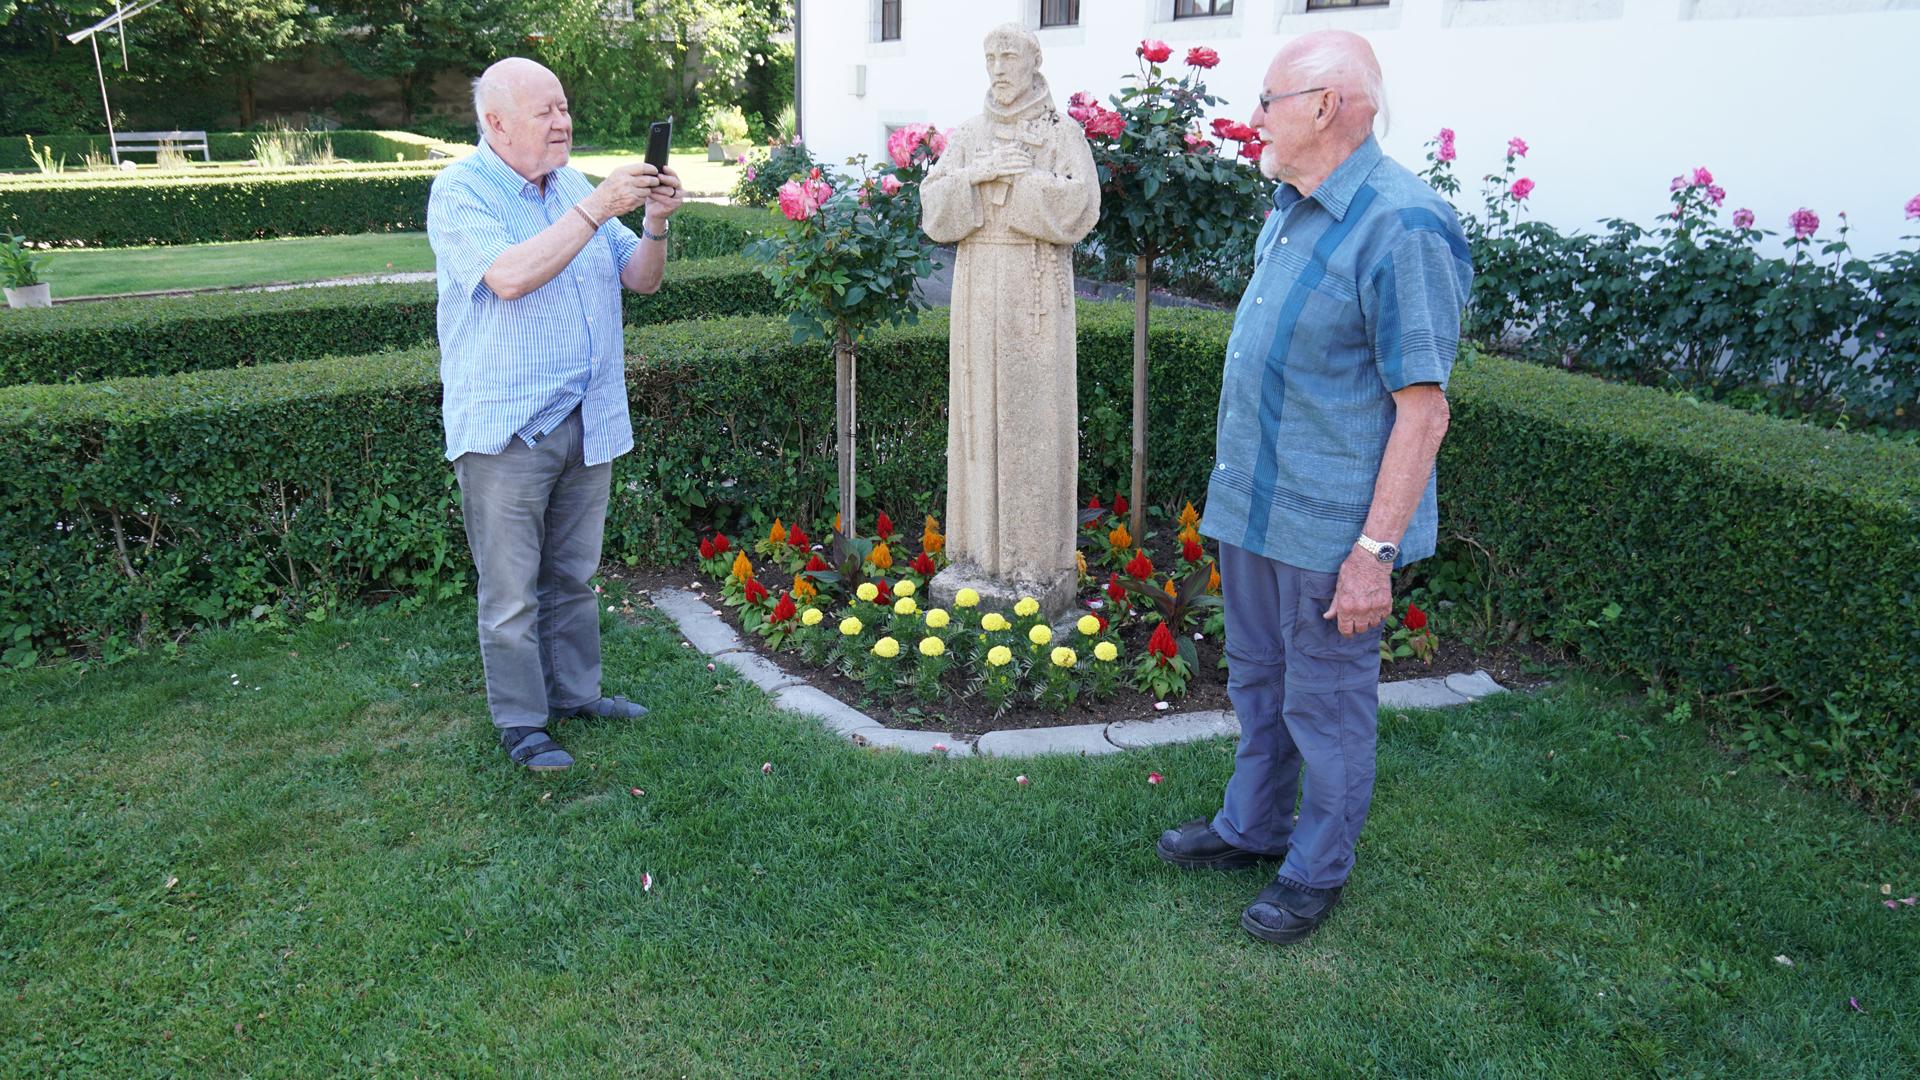 Werner Gallati (l.) mit seinem Bruder Raimund im Klostergarten von Olten. © Beat Baumgartner